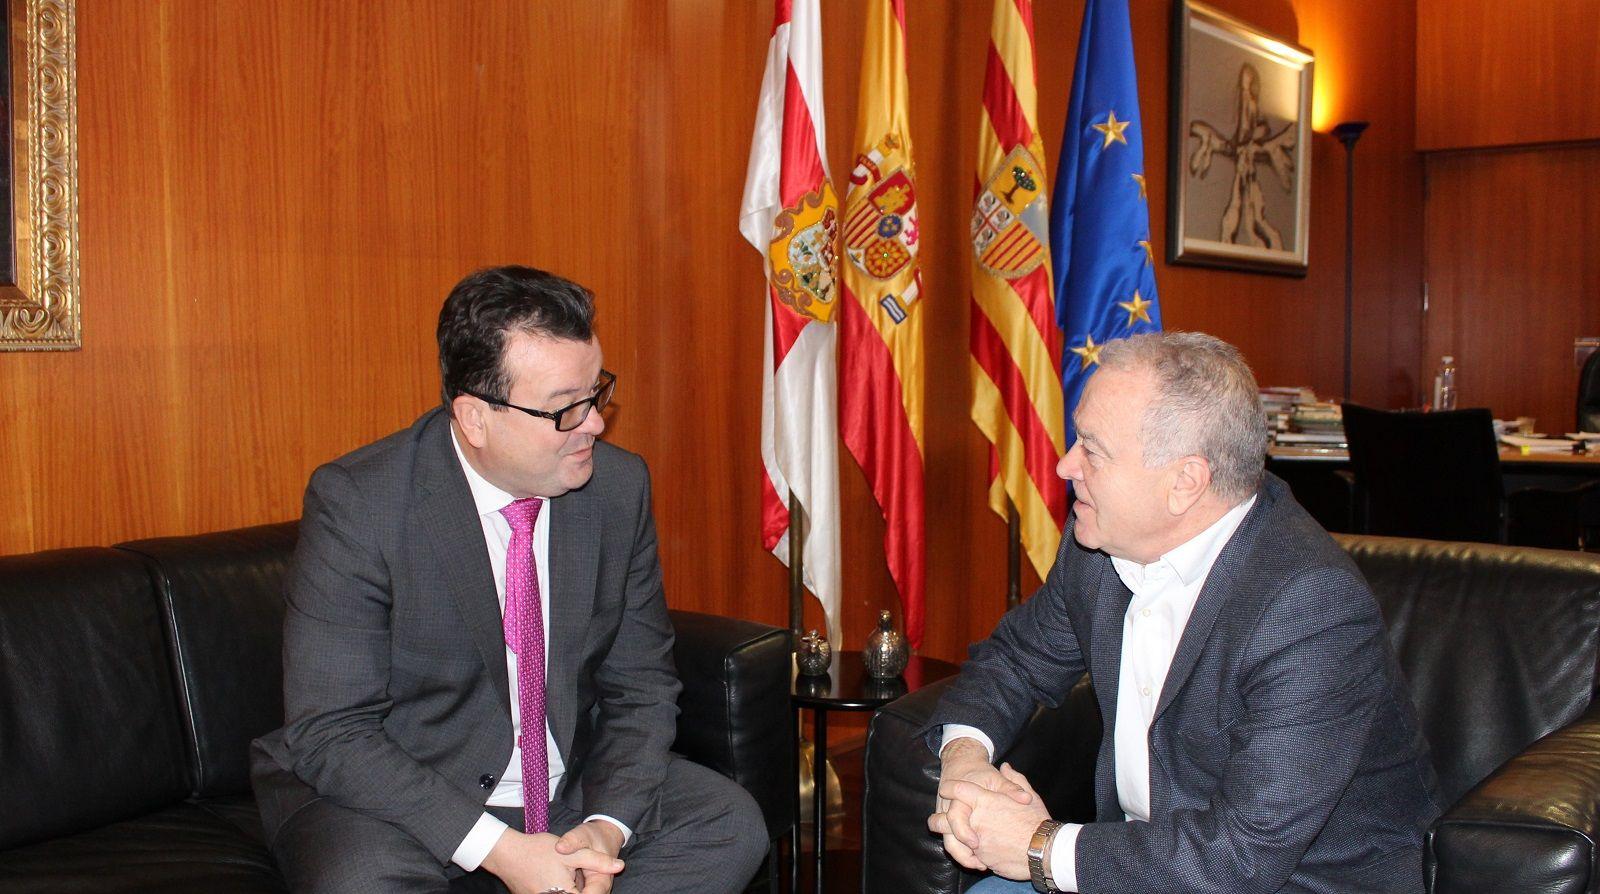 Luis Zubieta y Miguel Gracia. Foto: DPH.